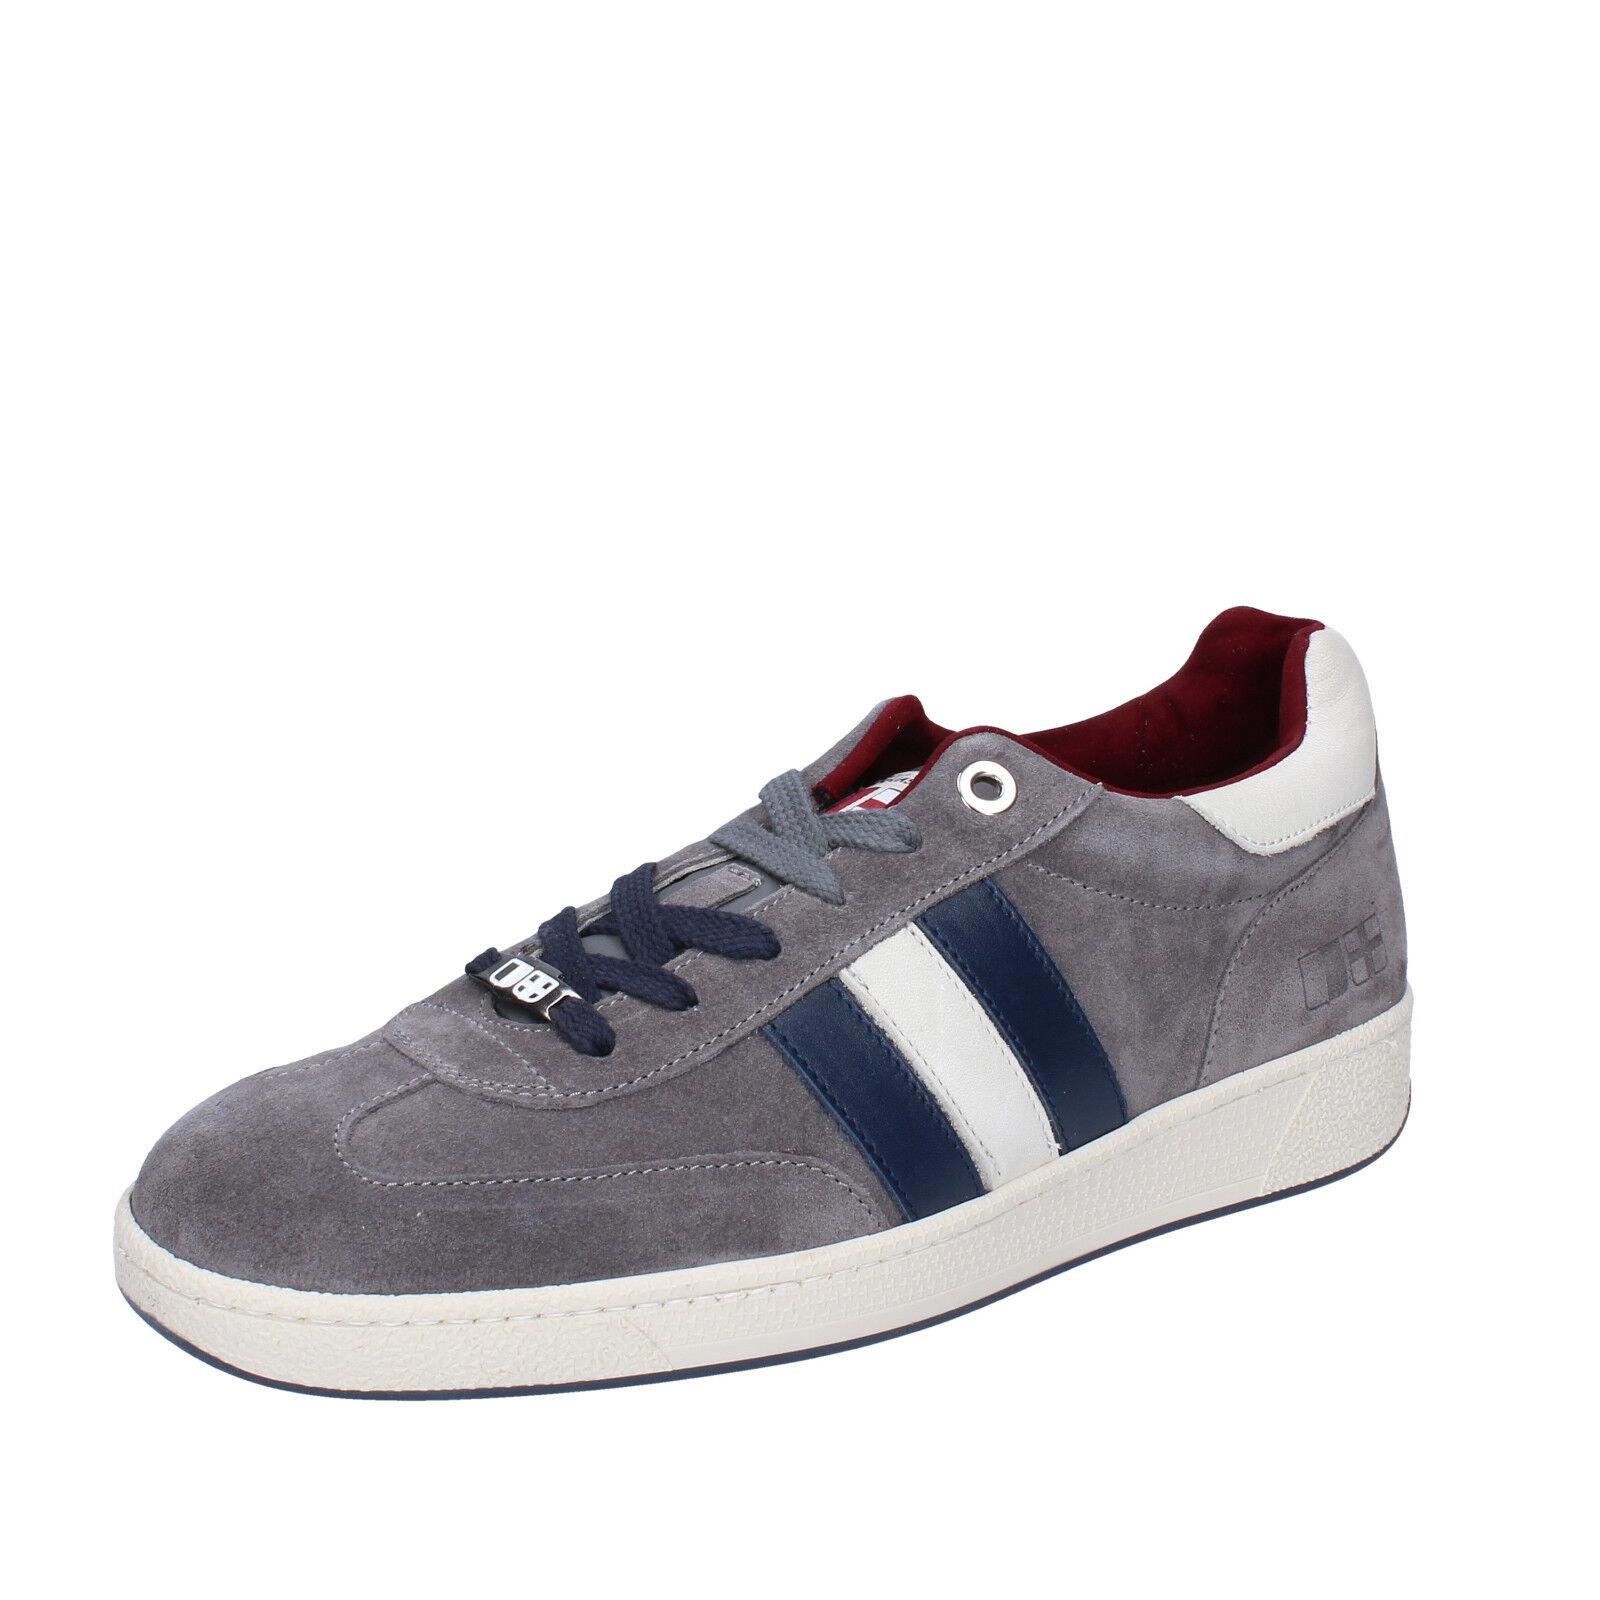 Chaussures Hommes D'ACQUASPARTA 7 (UE 40) baskets grises en daim AB871-40